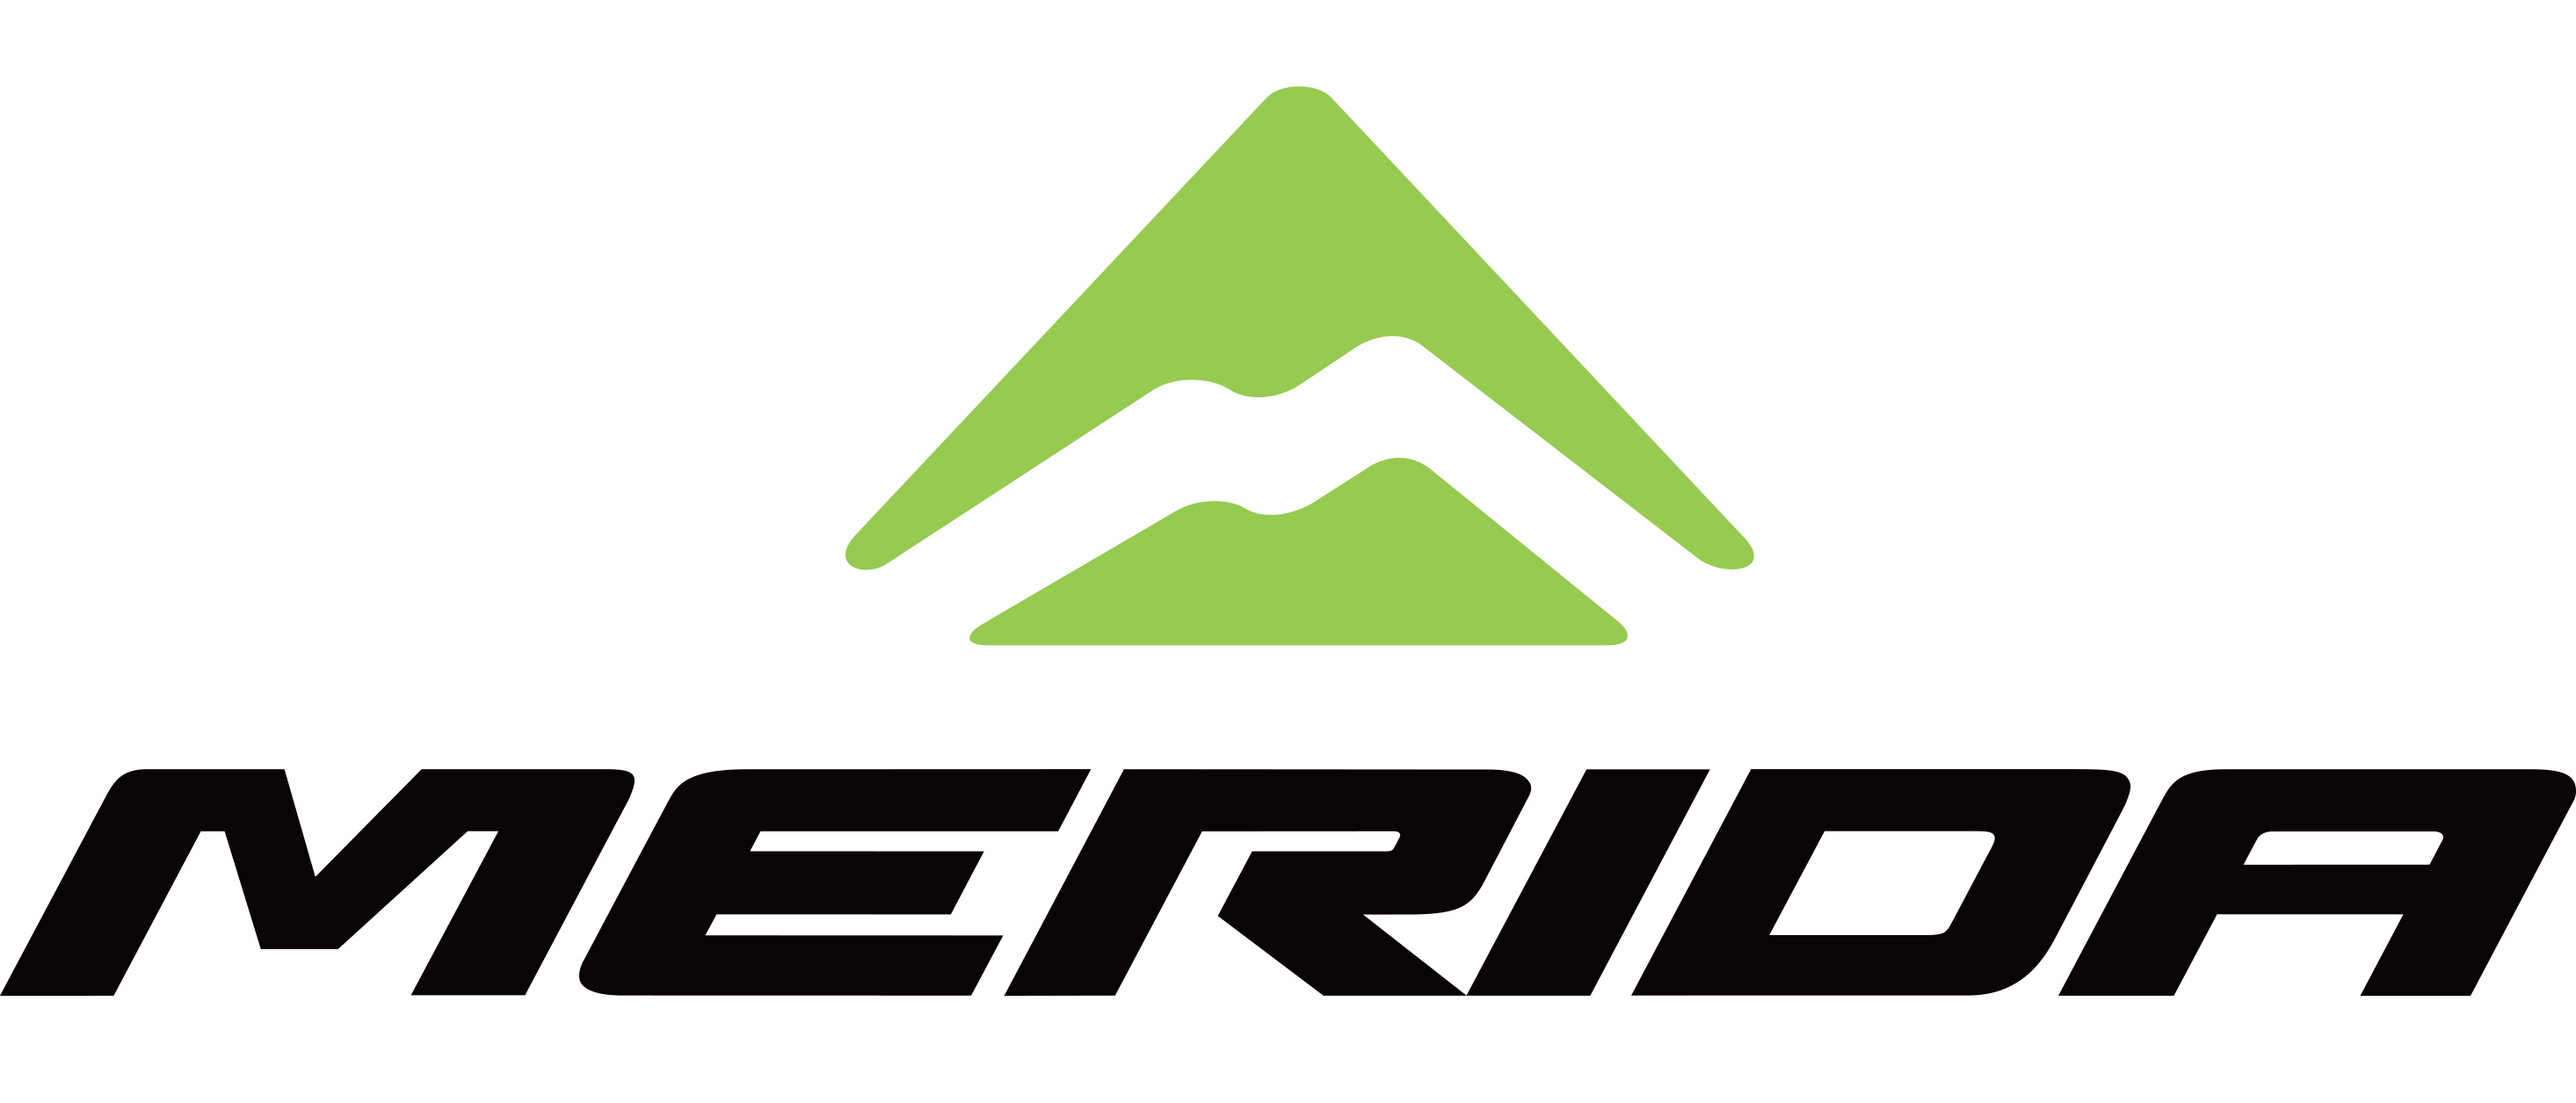 Merida Logo Wallpaper